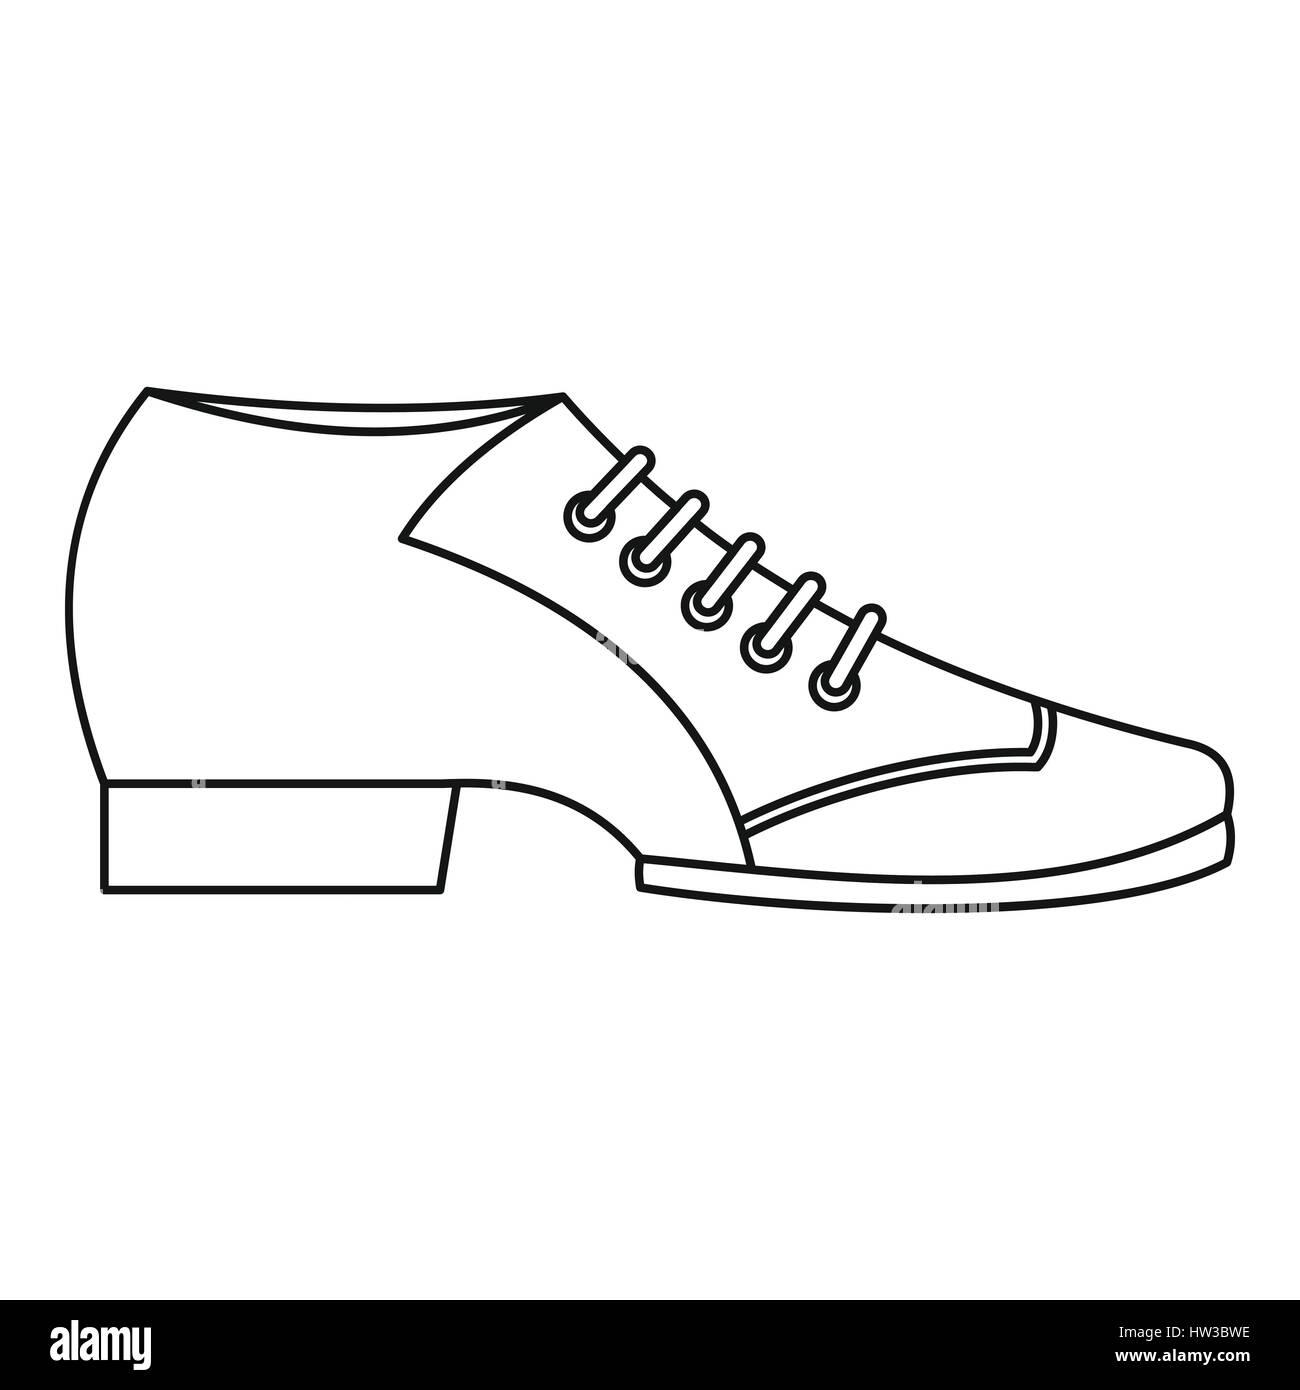 Style De Et Contour Chaussures Vecteurs Tango ArgentinL'icône WD29bEIYeH